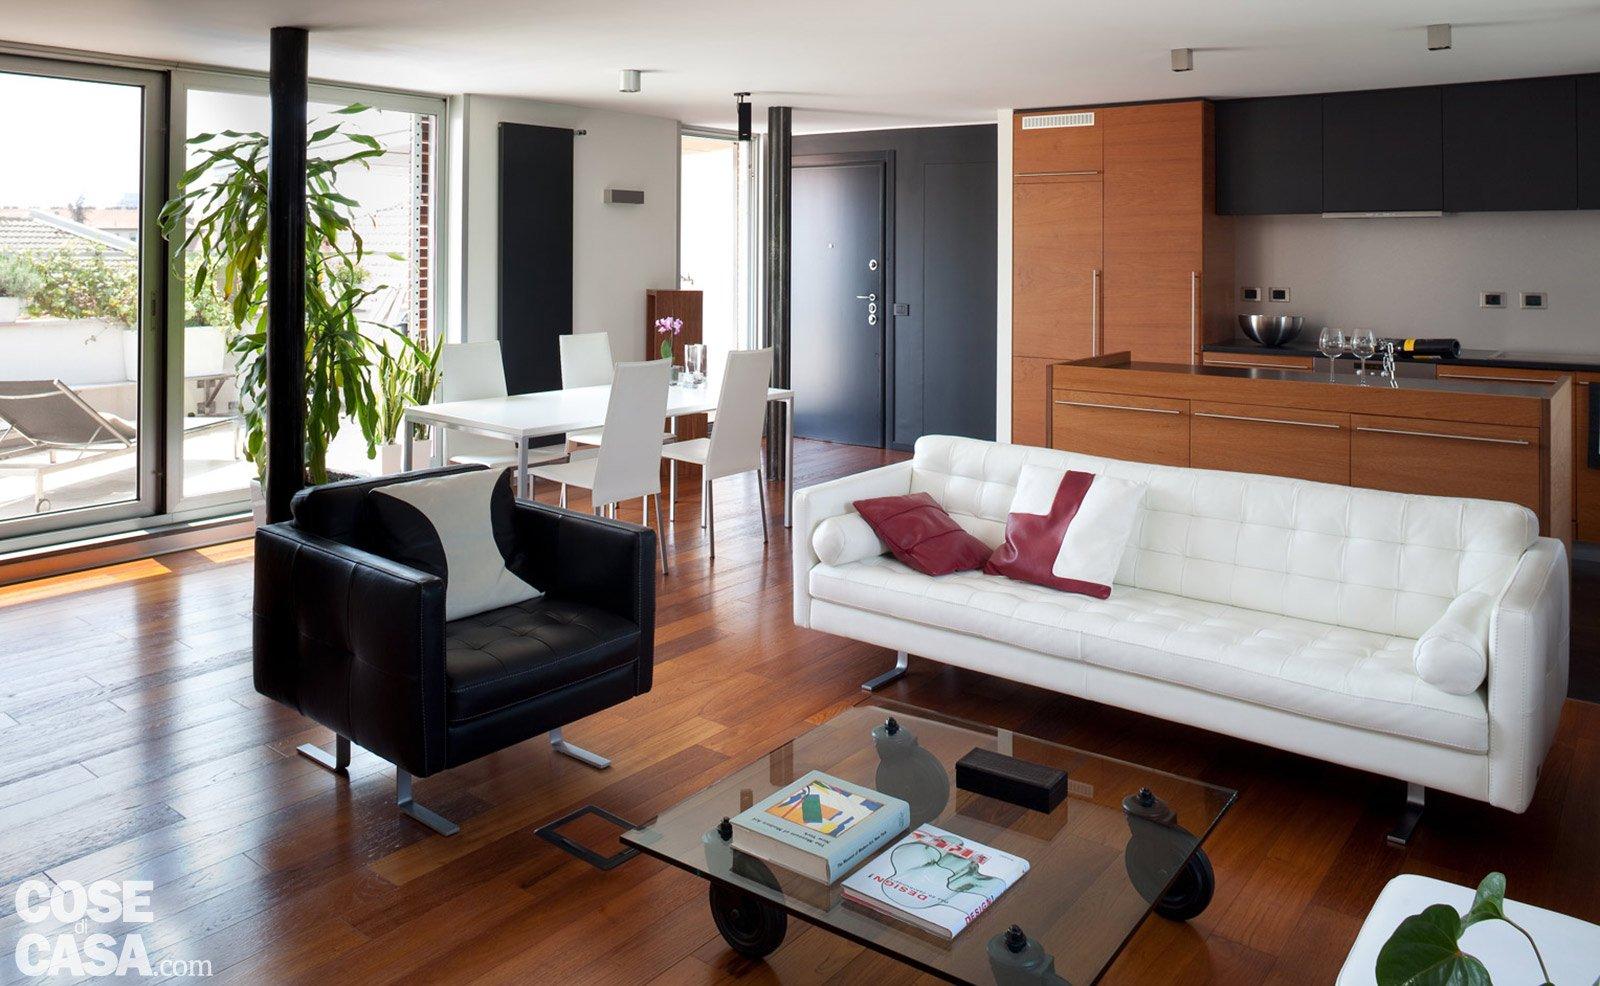 80 mq una casa per due perfetta per fare inviti cose for Pilastri per una casa